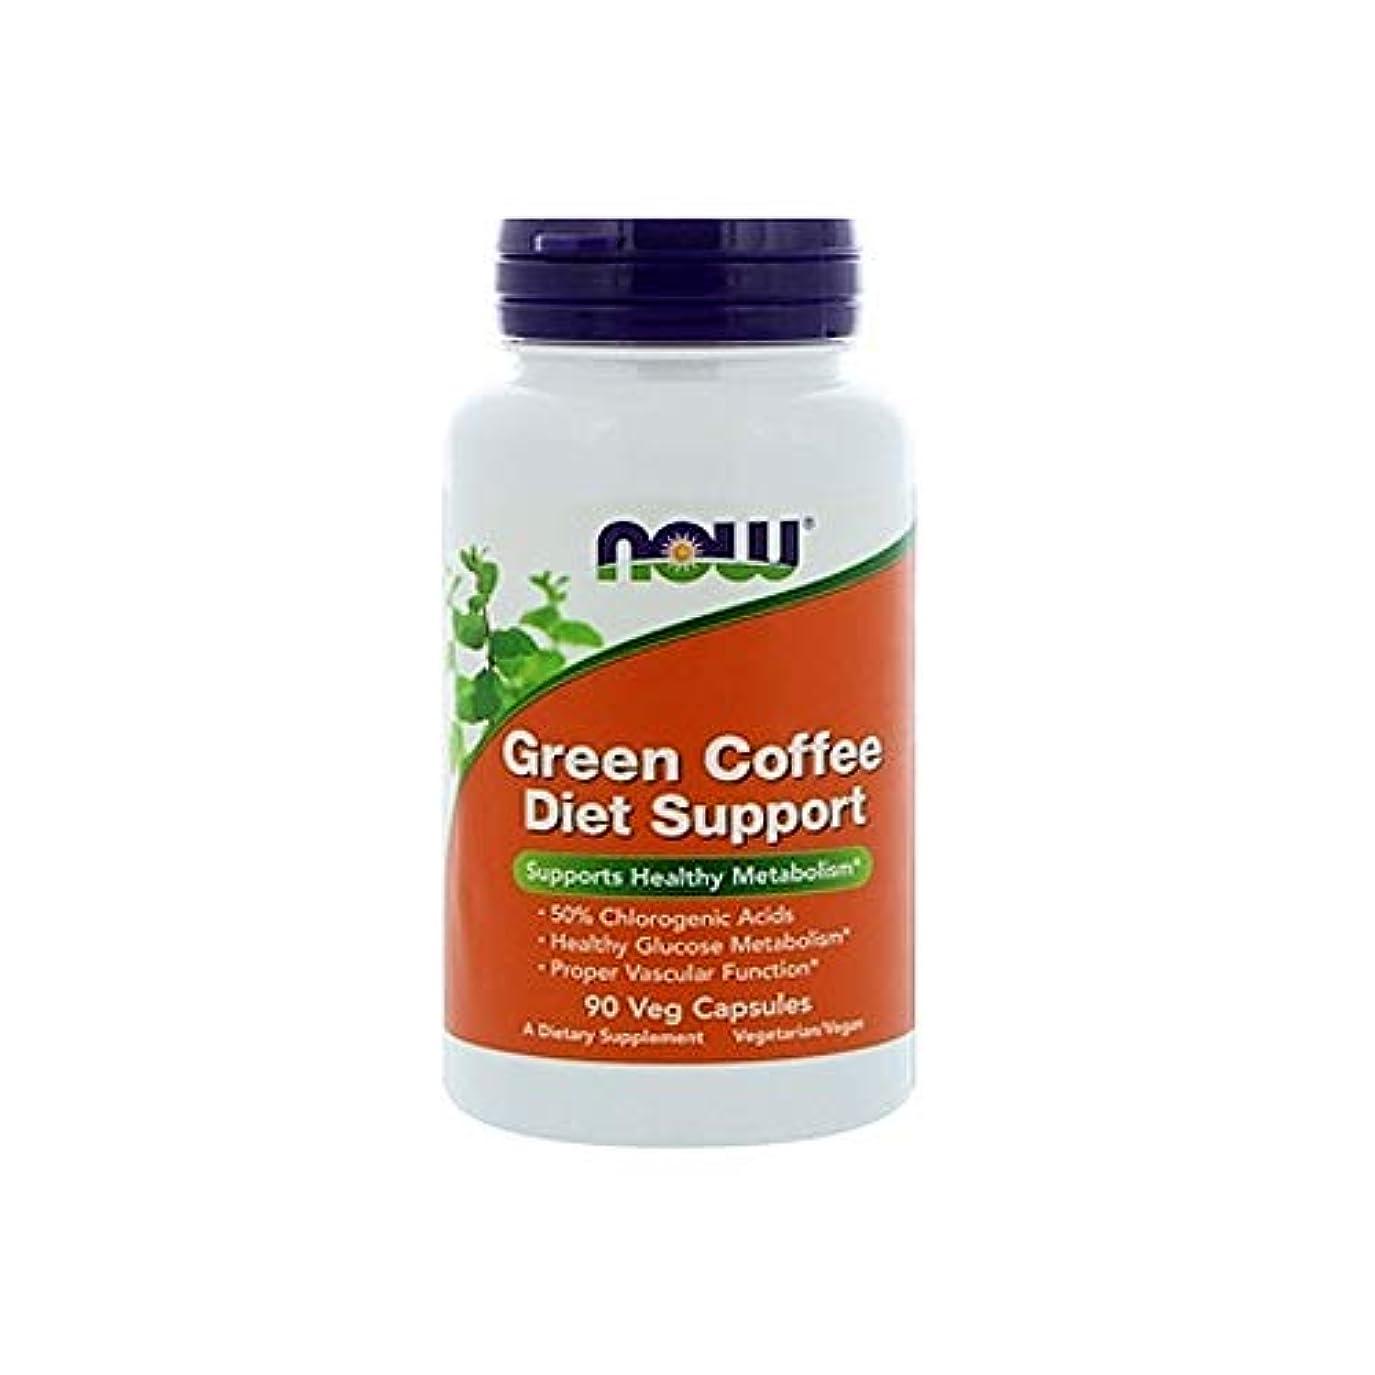 浮浪者セレナはしご[海外直送品] ナウフーズ グリーンコーヒー ダイエットサポート(クロロゲン酸含有) 90粒